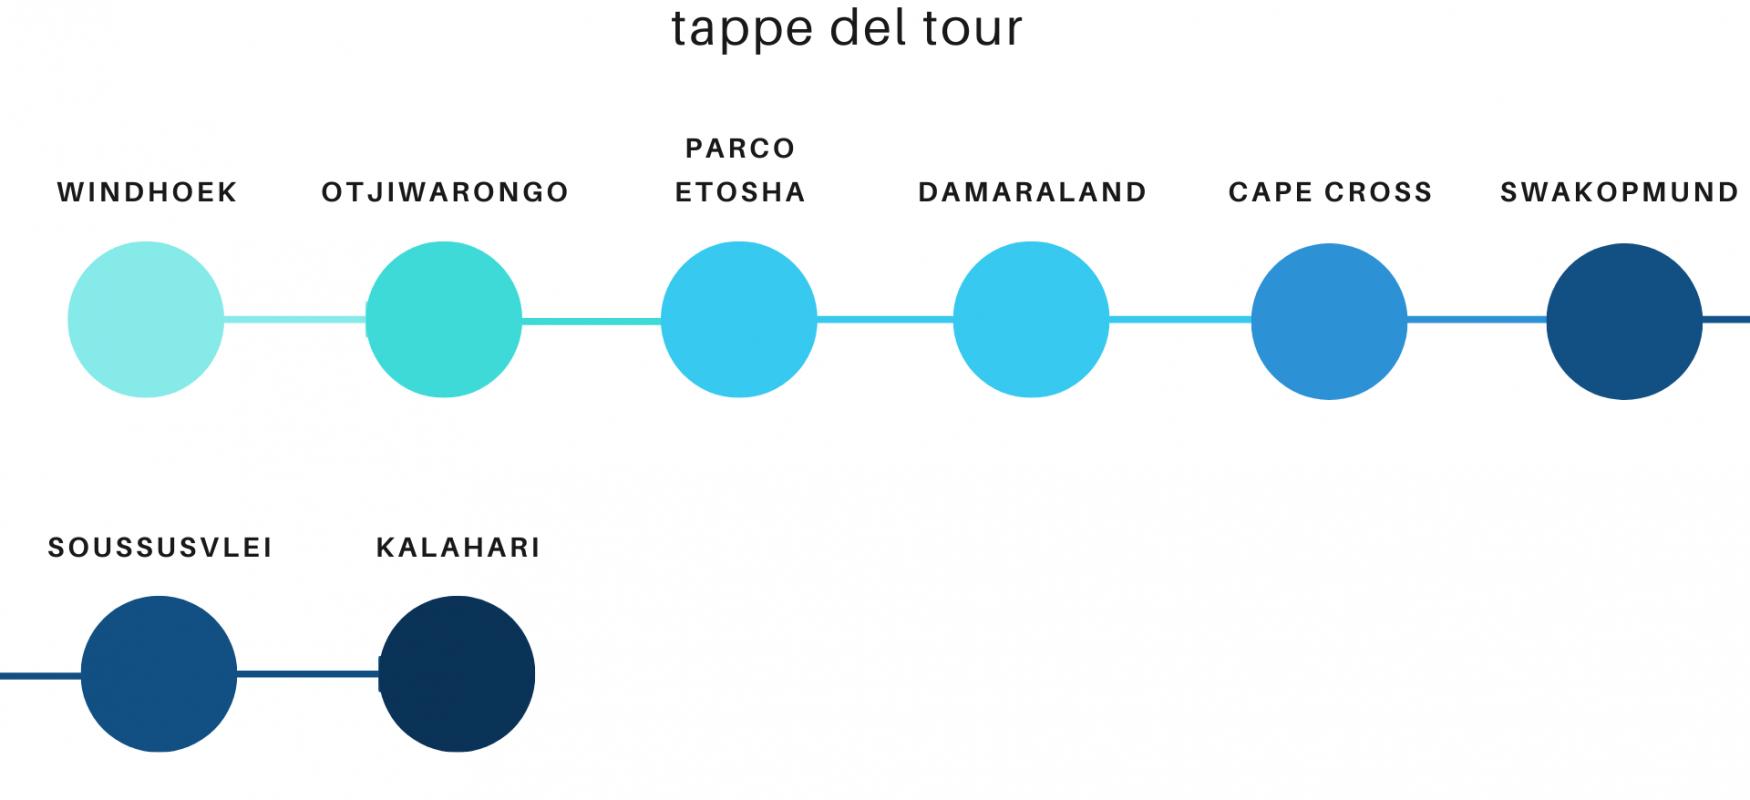 tappe tour namibia express